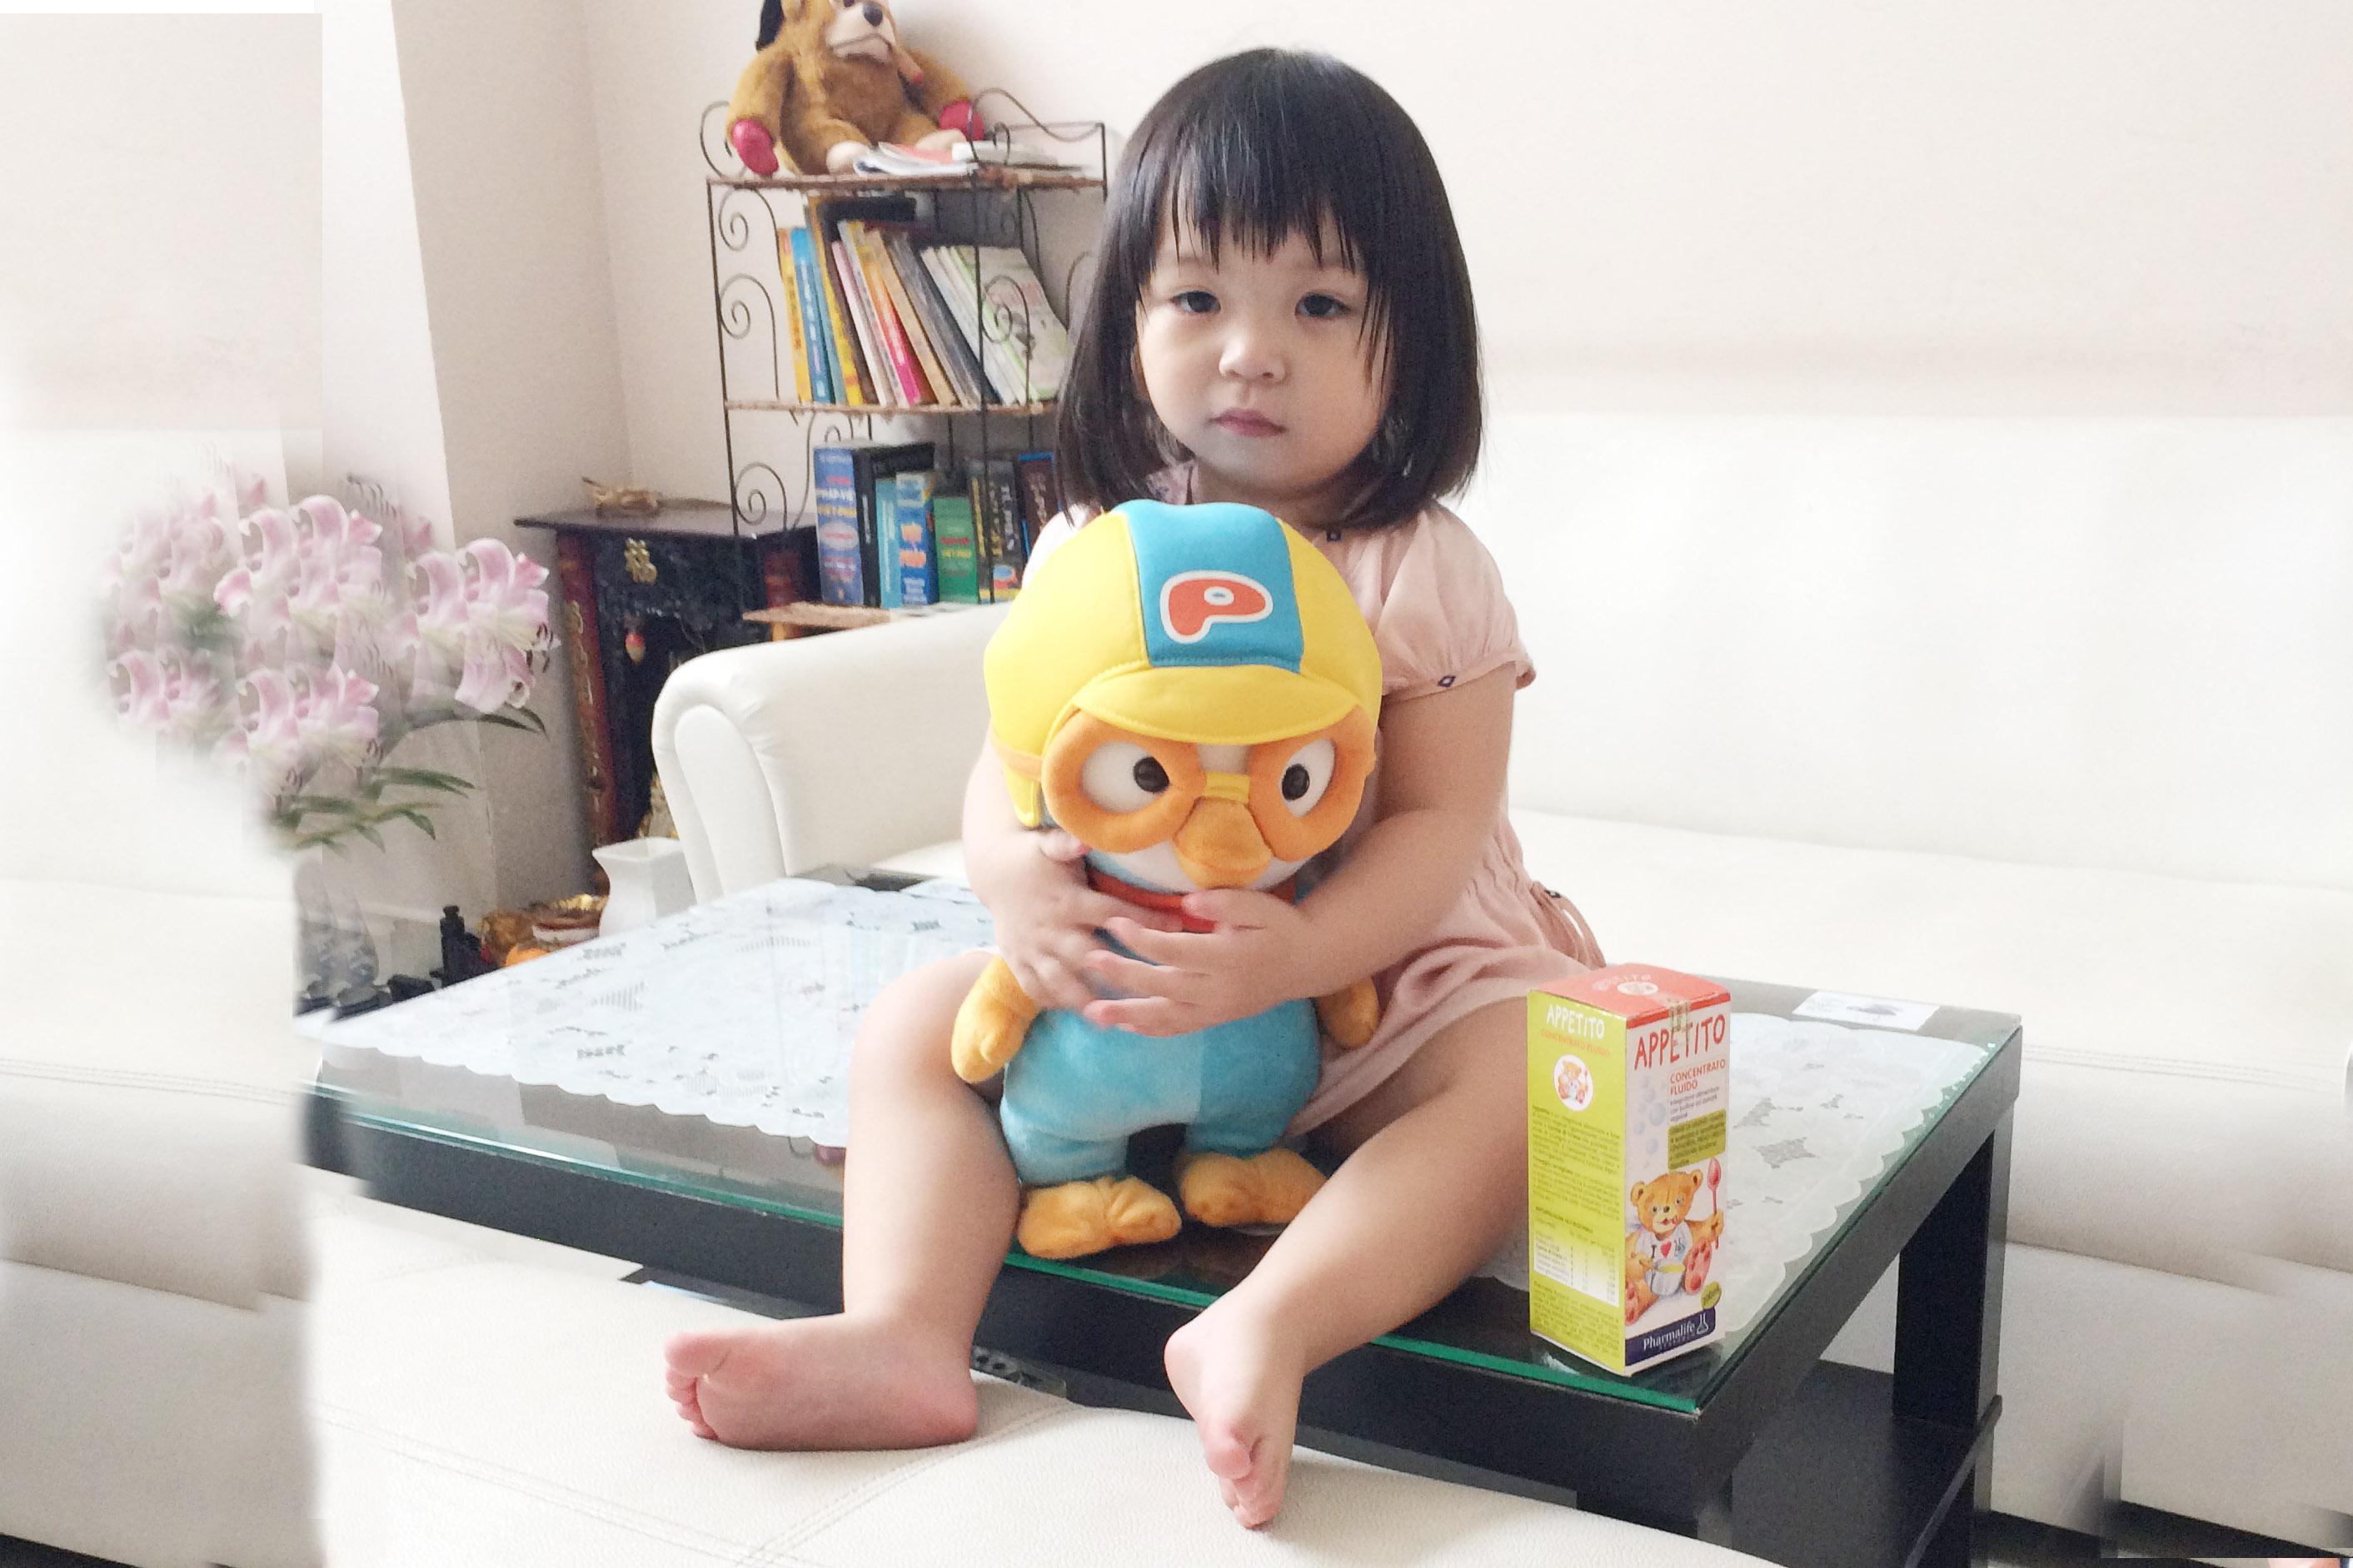 Chuyên gia tư vấn gì cho mẹ Sài Gòn để trẻ không còn biếng ăn khi đi lớp